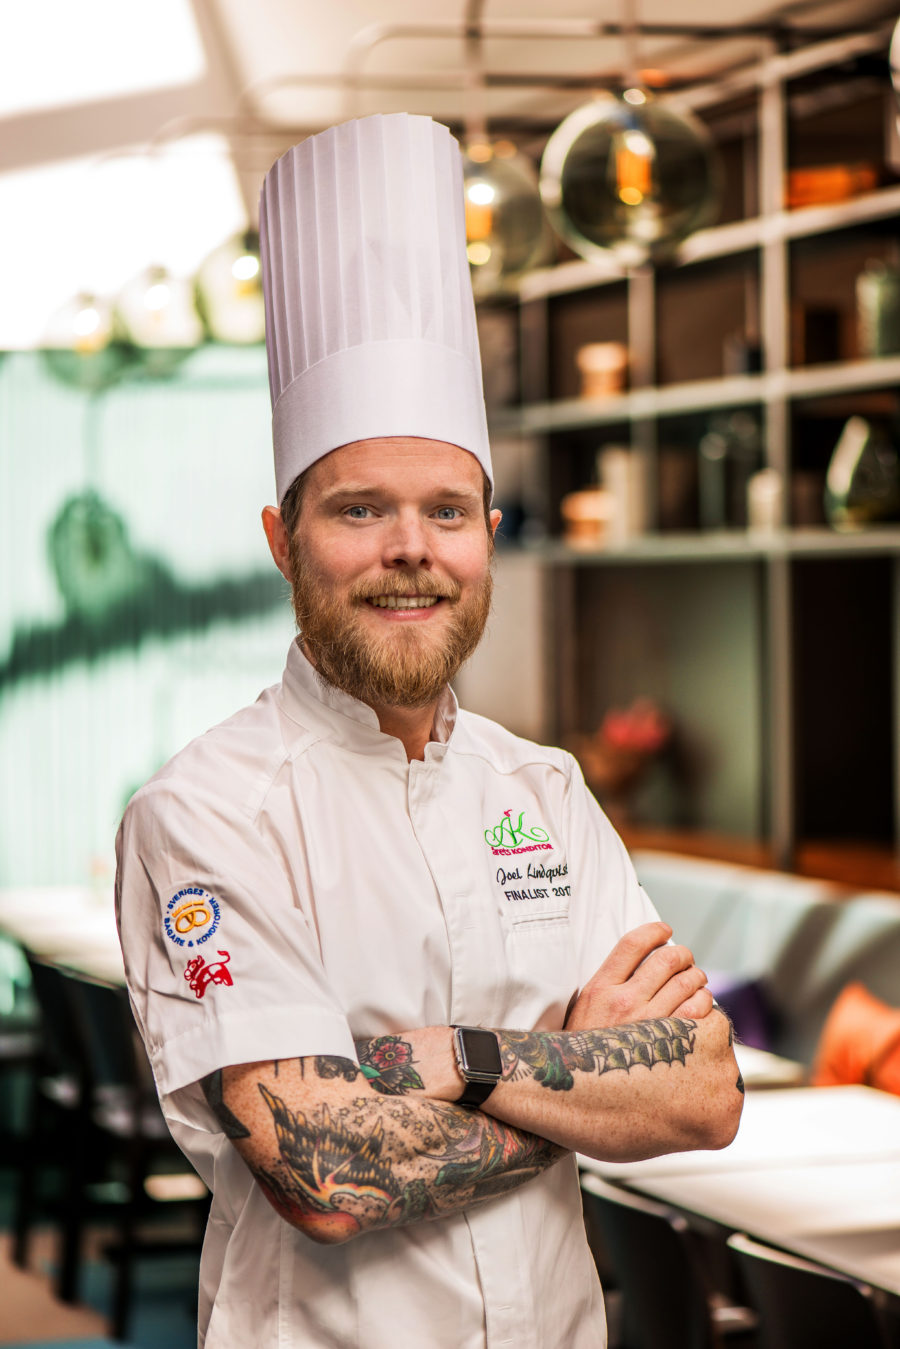 14 december – Dessertmästaren Joel Lindqvist tempererar choklad och gör praliner